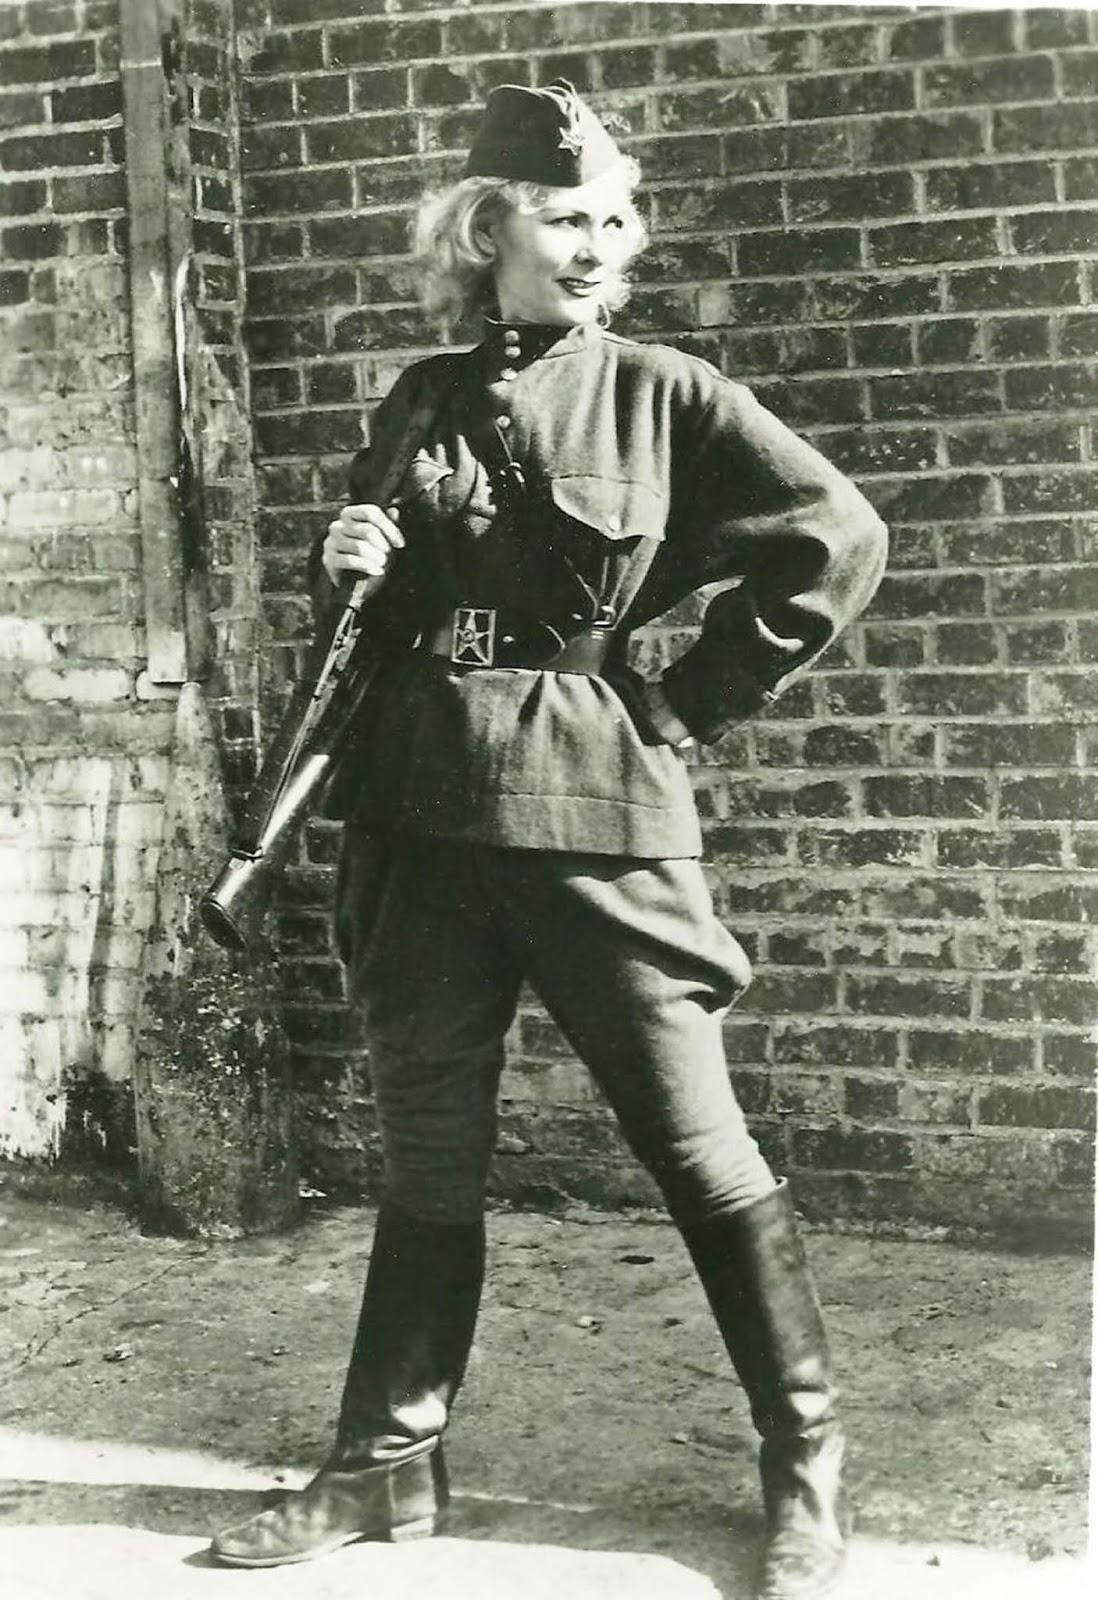 La mode et le style de la seconde Guerre Mondiale, 1939-1945